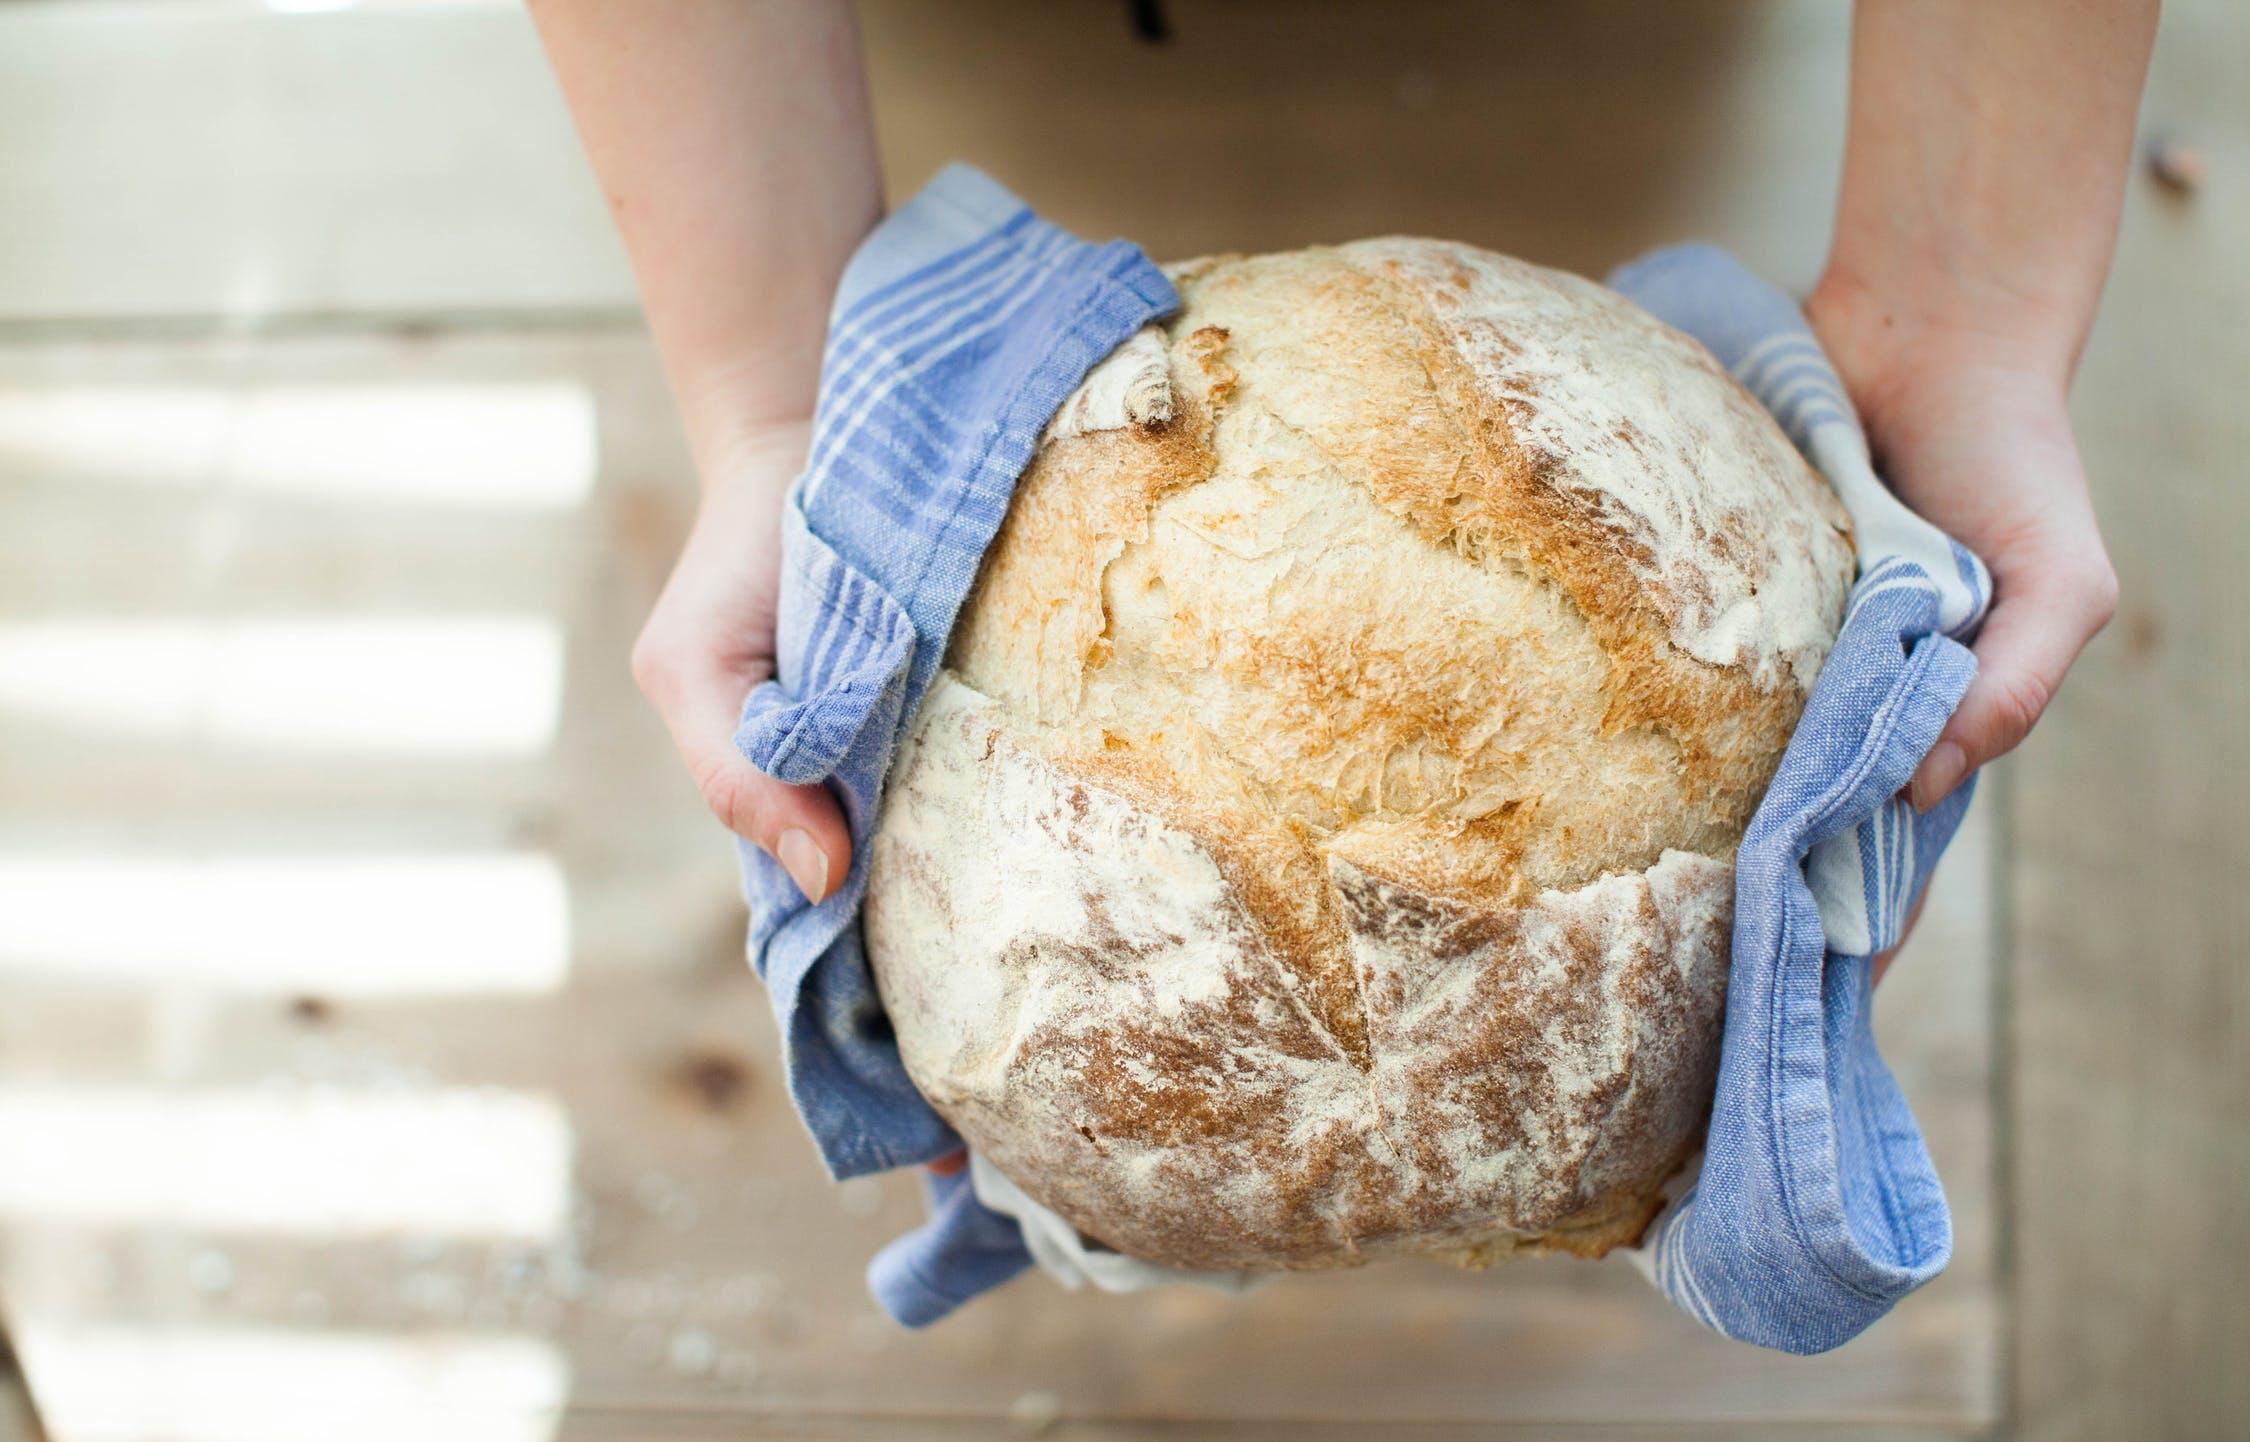 Тверская область получит субсидии на поддержку хлебзаводов и мукомолов - новости Афанасий